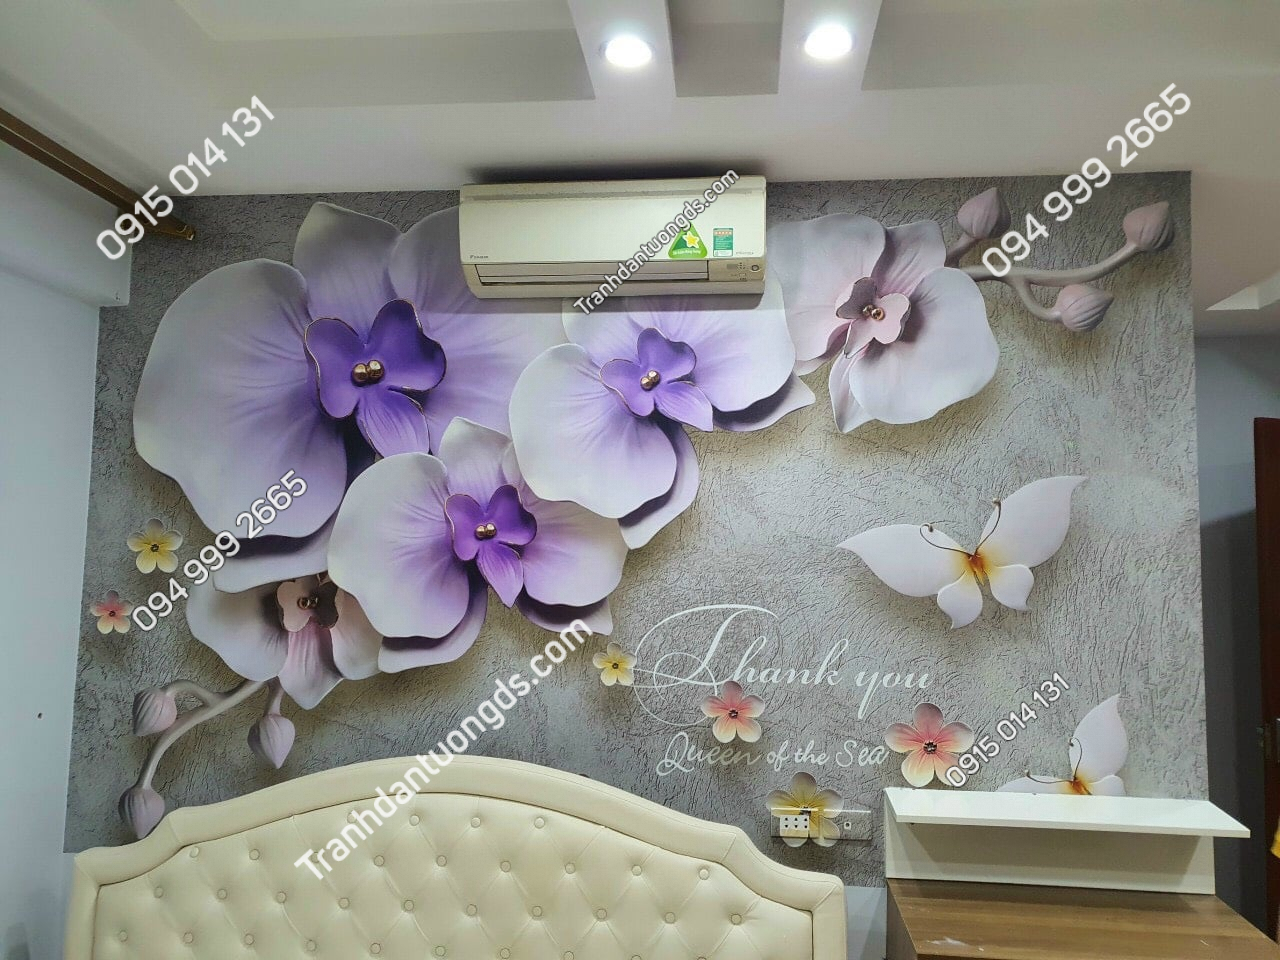 Tranh 3D hoa giả ngọc nhẹ nhàng phòng ngủ